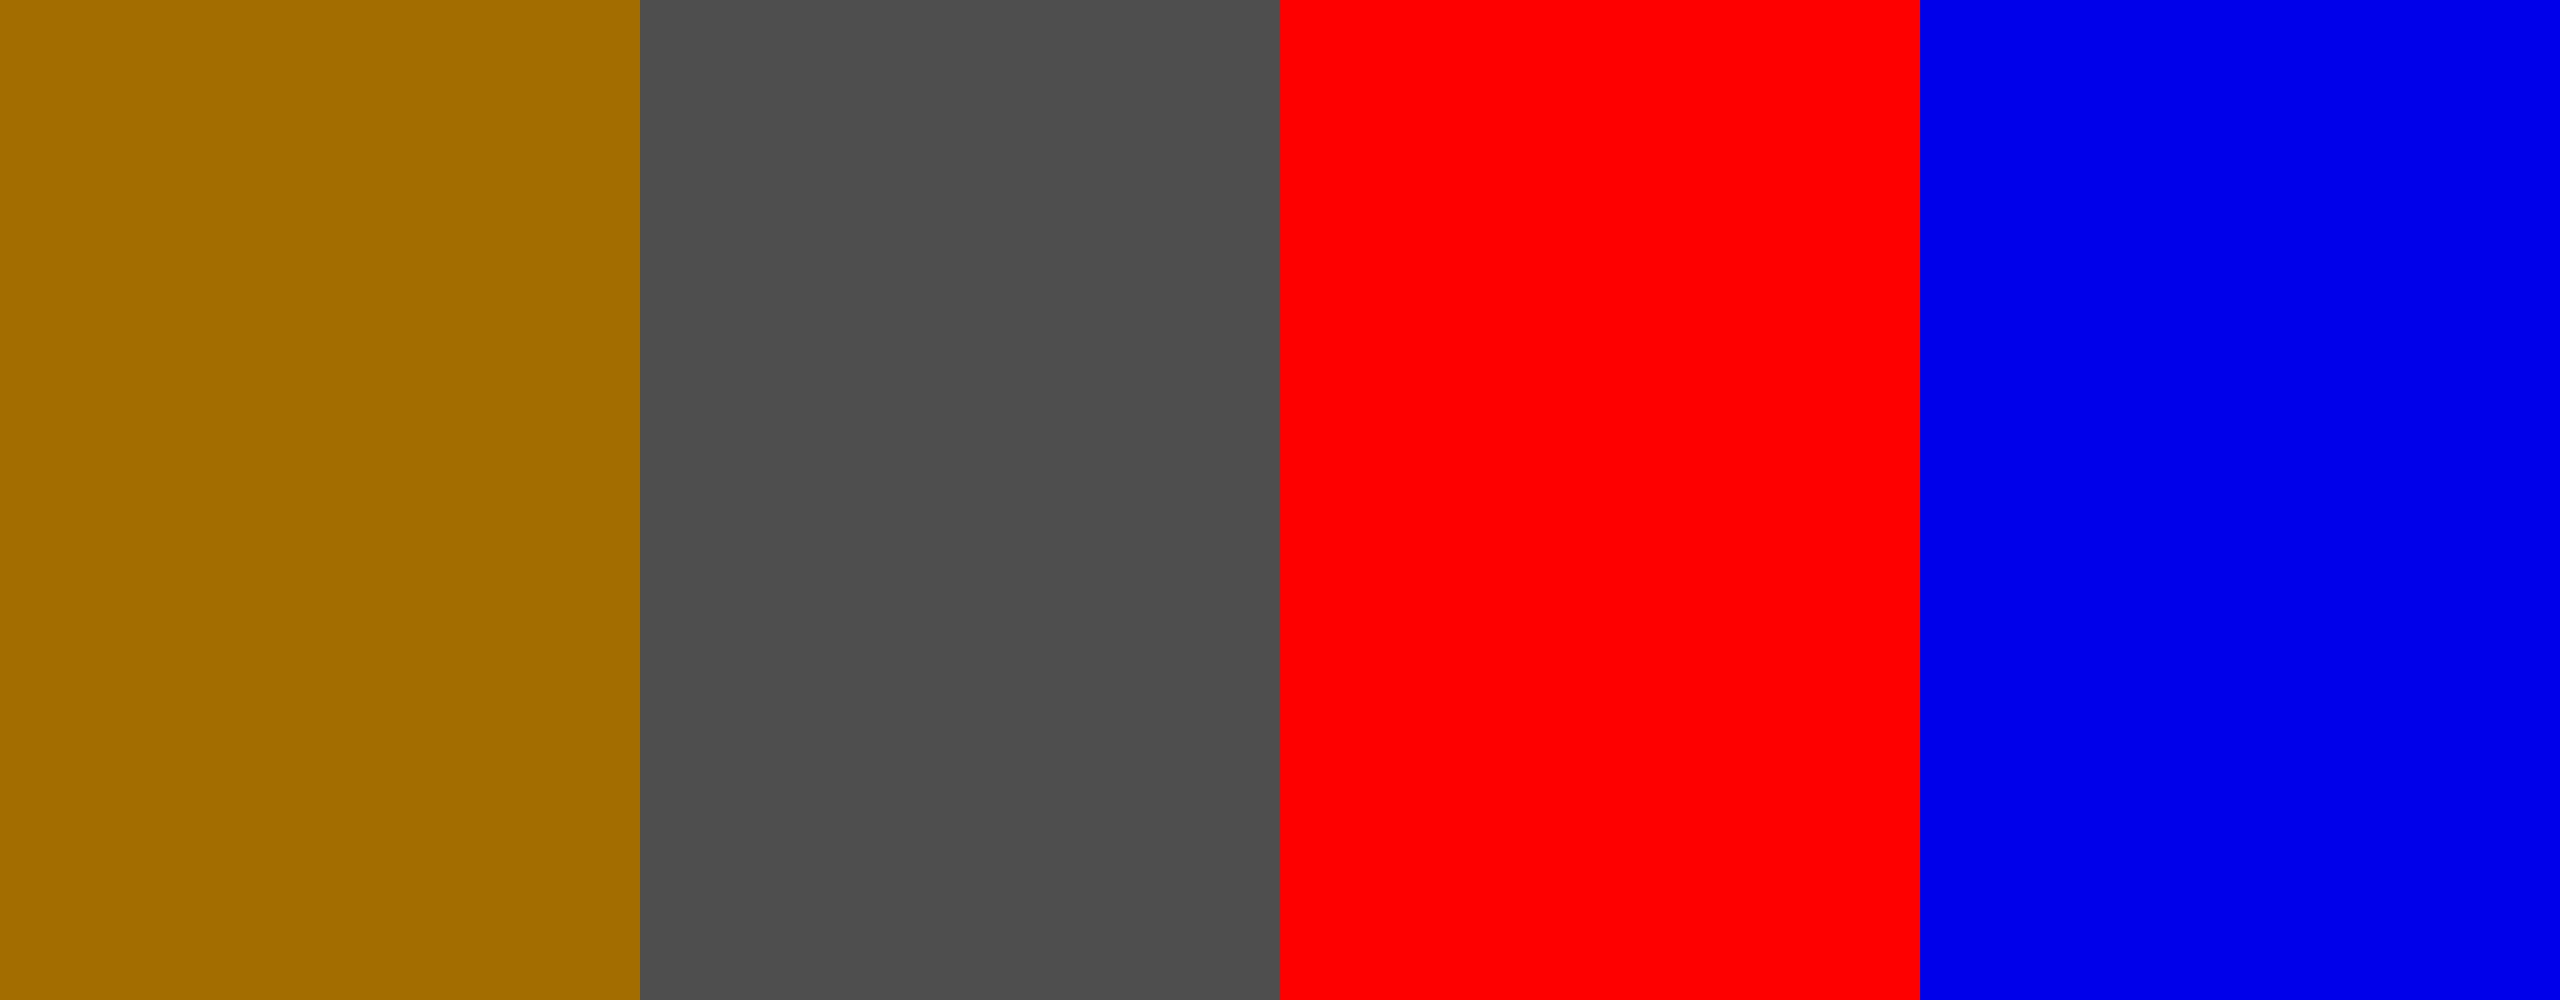 lelijke kleuren voorbeeld branding